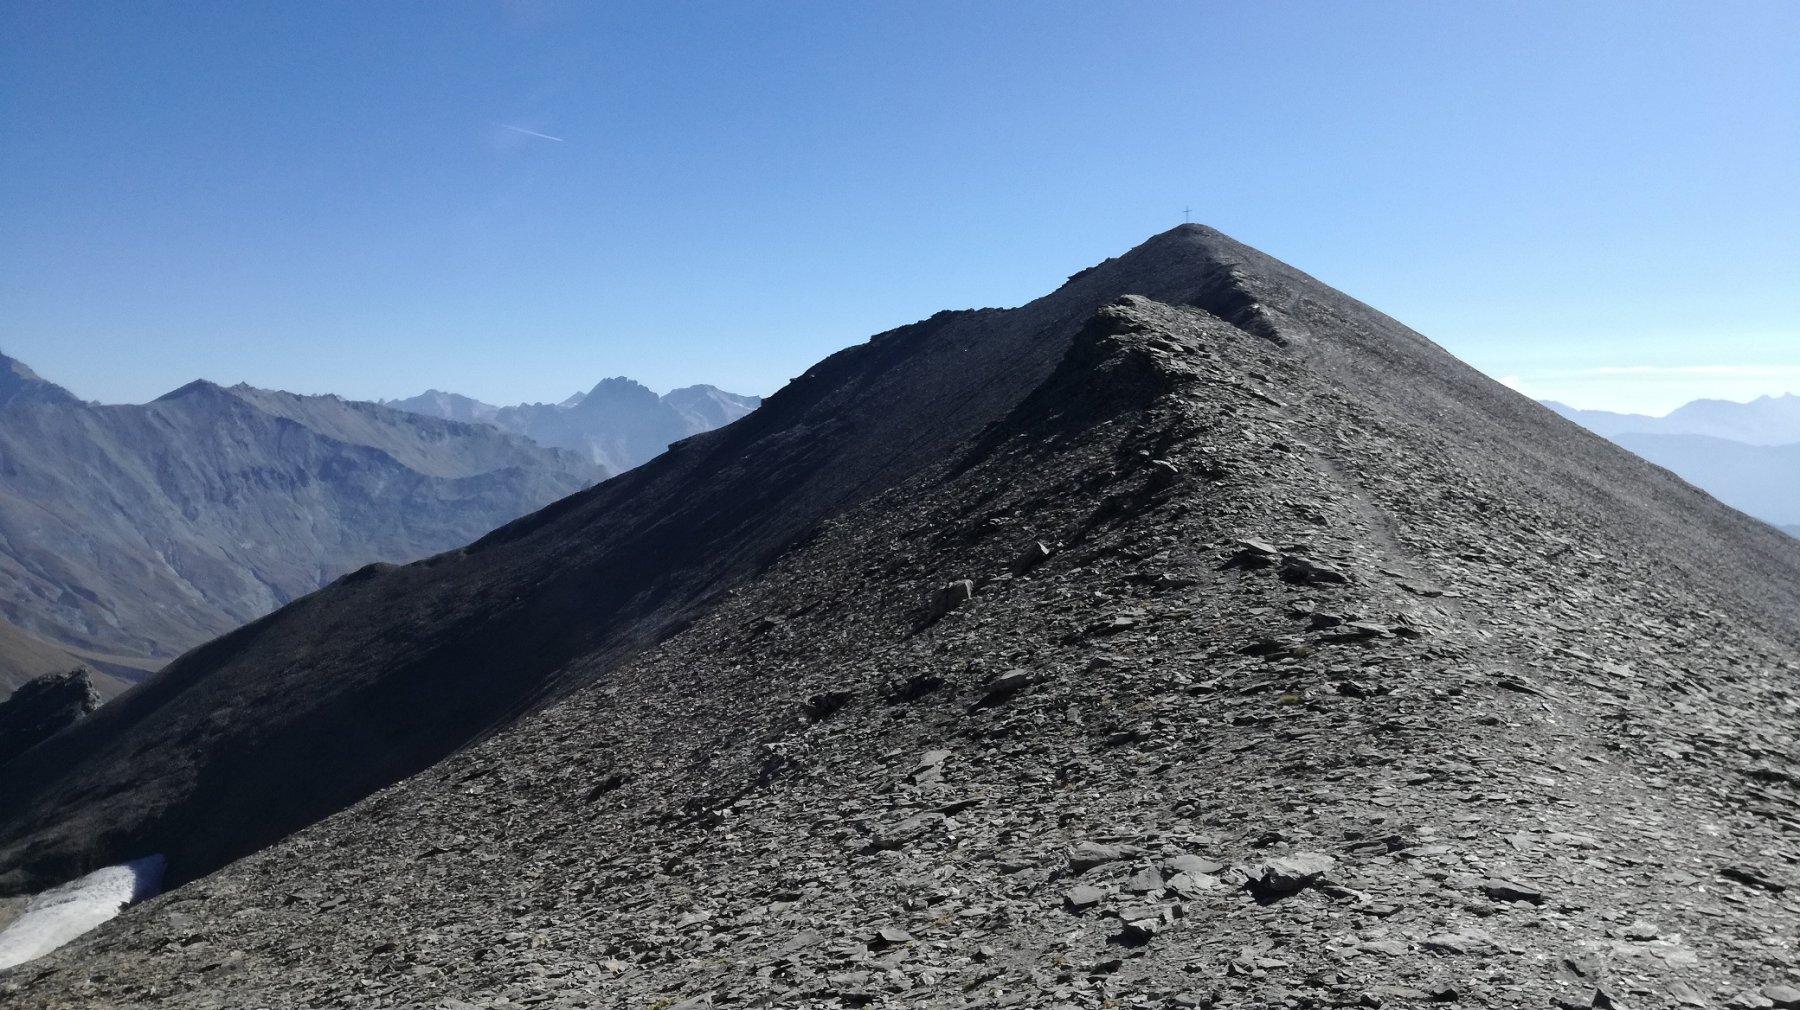 Nera (Punta) e le Grand Argentieredalla Valle del Frejus per il Colle del Frejus 2018-09-29